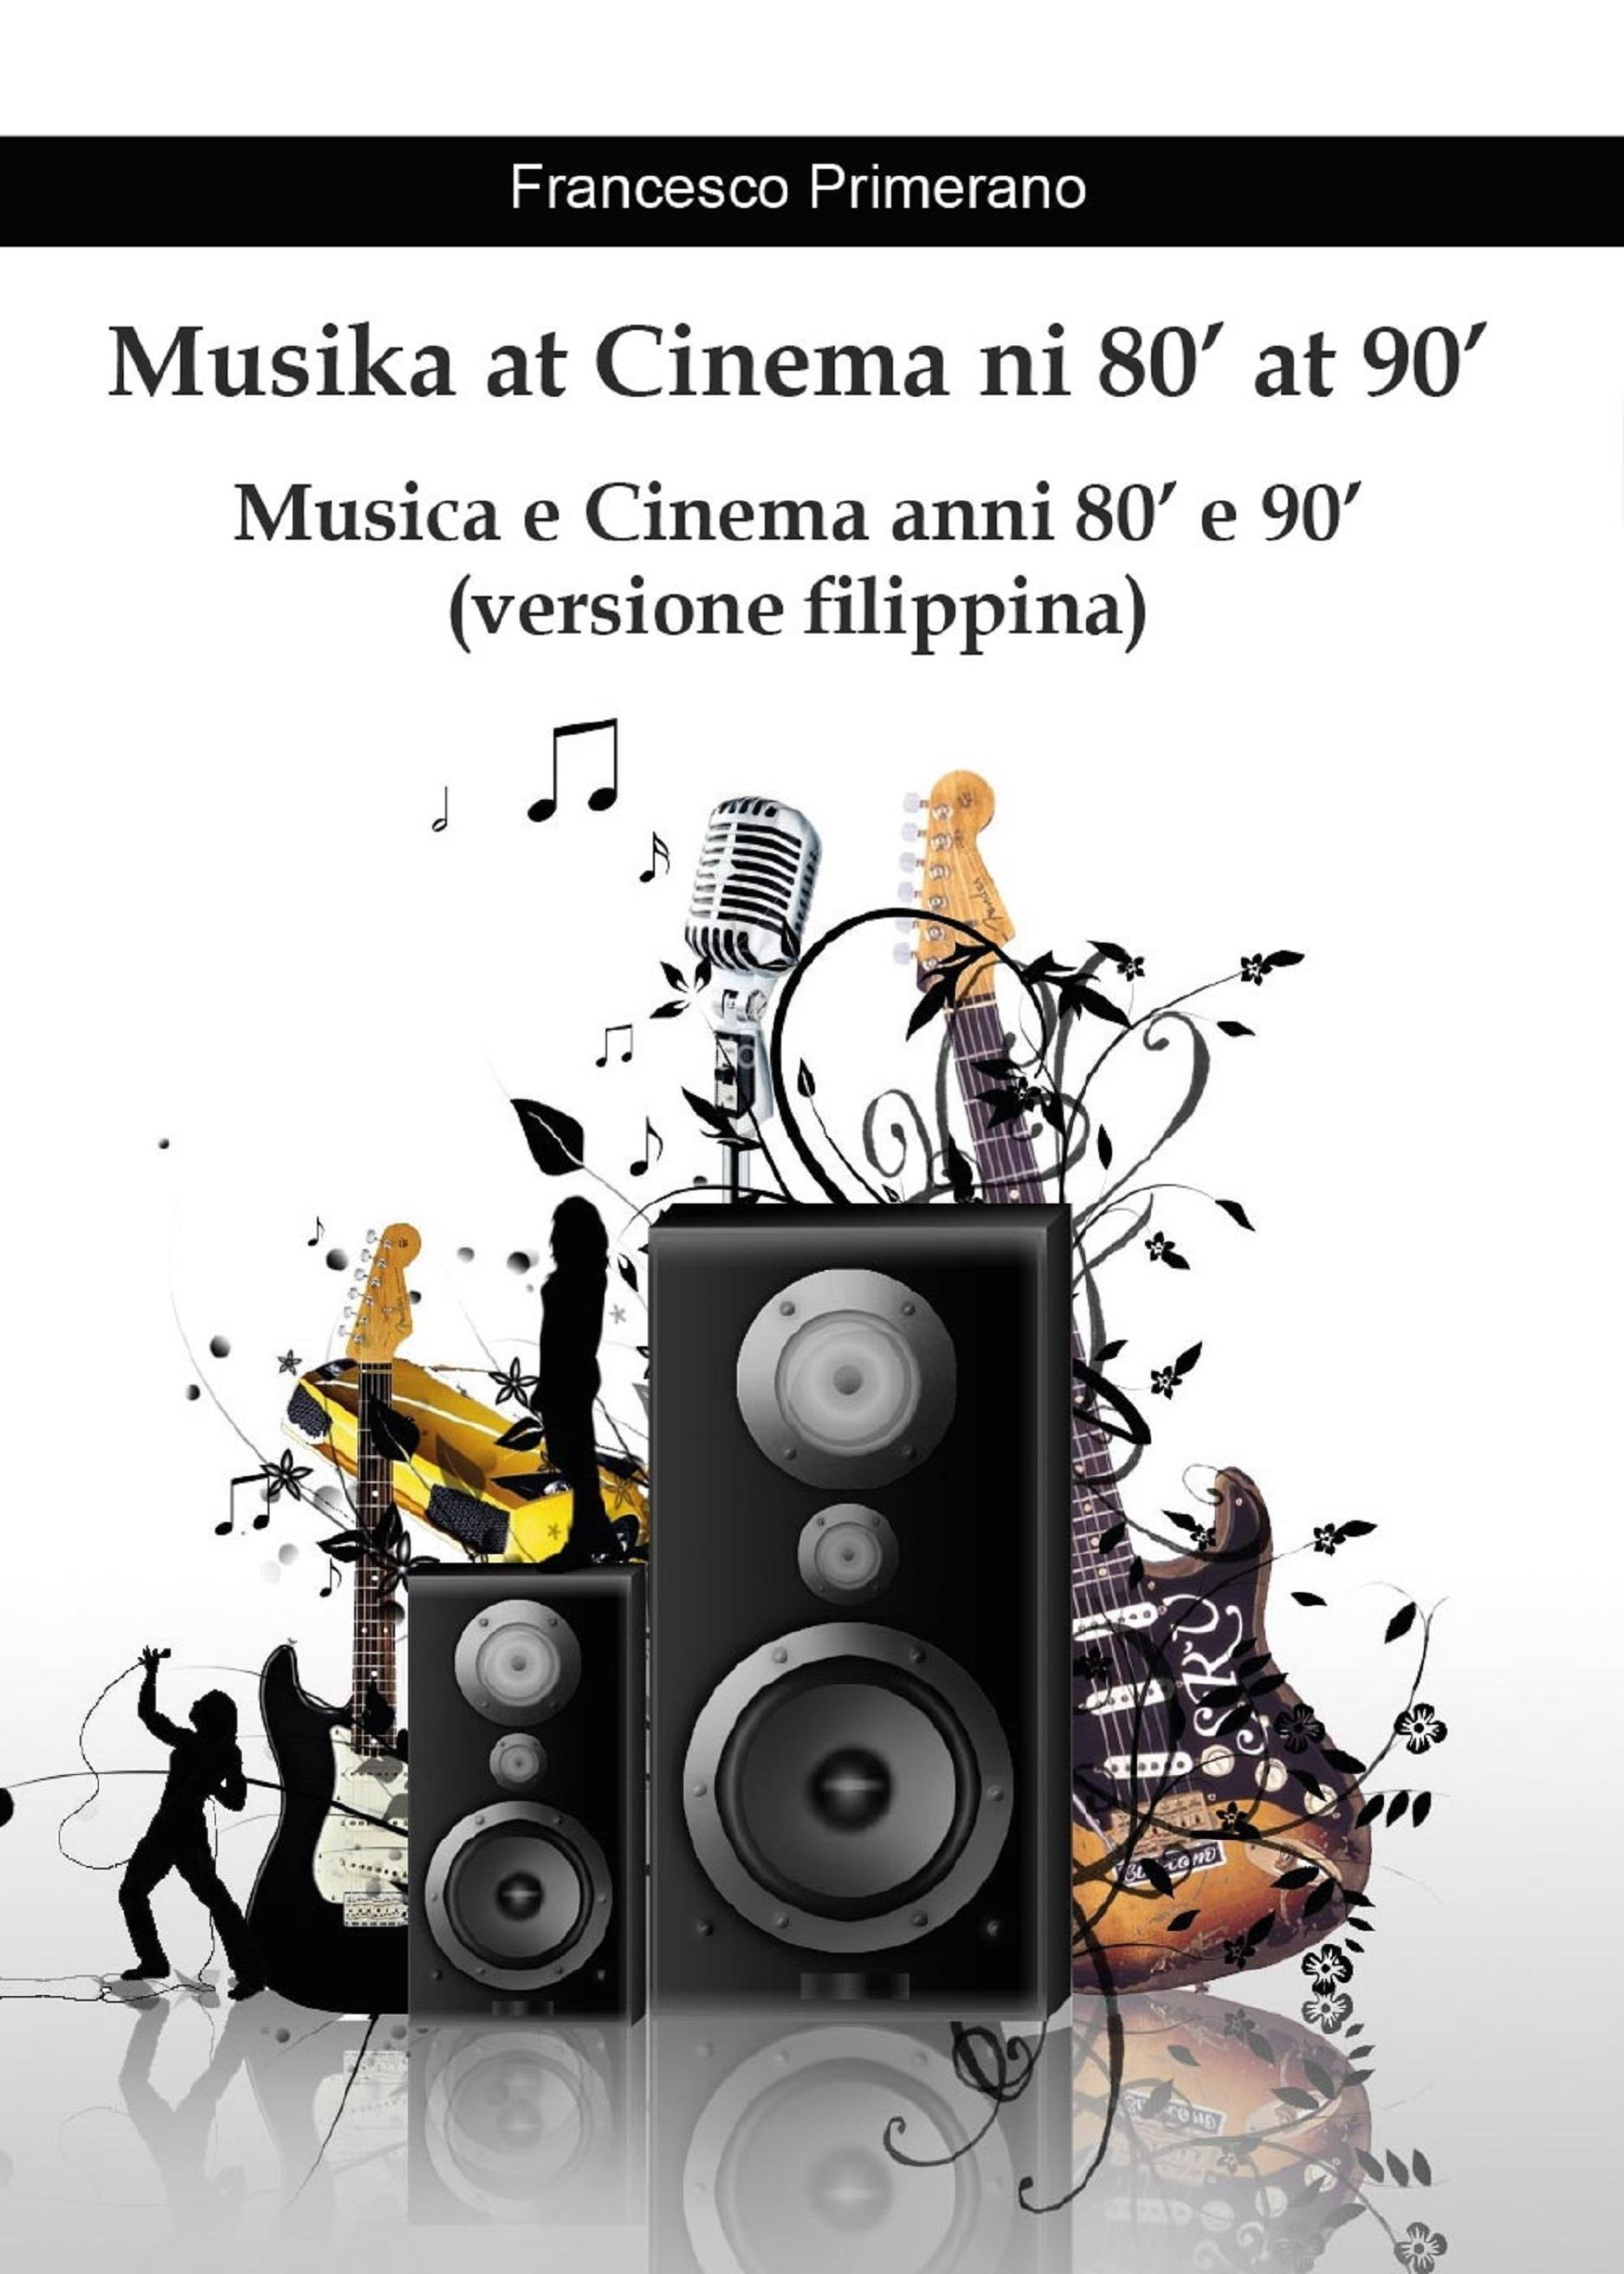 Musika at Cinema ni 80' at 90'